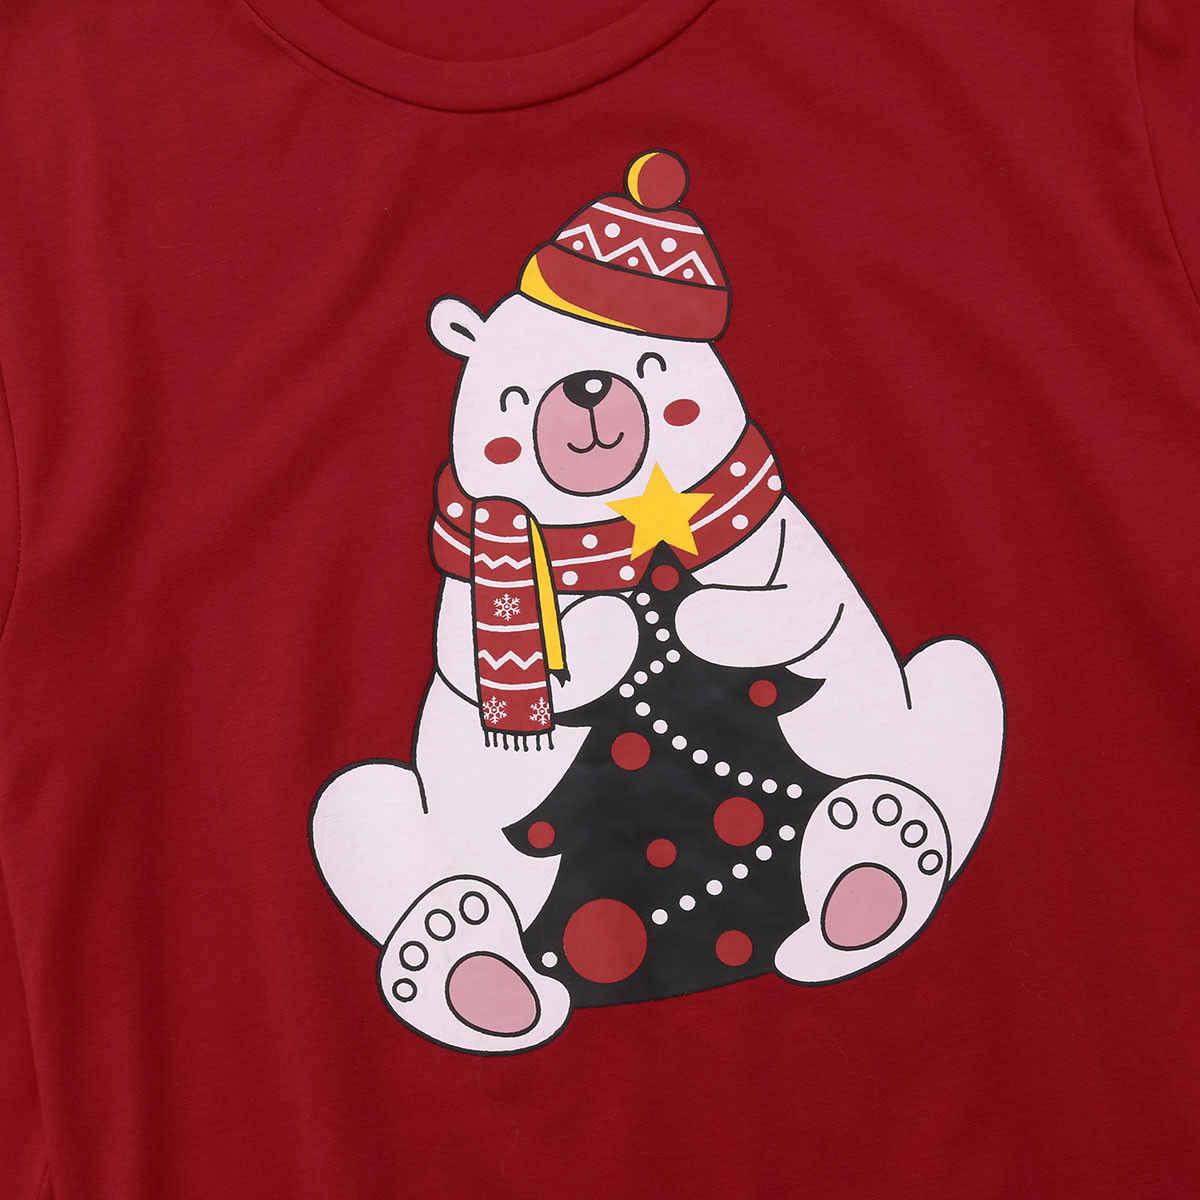 クリスマス家族マッチング女性男性子供トレーナーセーター家族かわいいクマクリスマス Tシャツ服